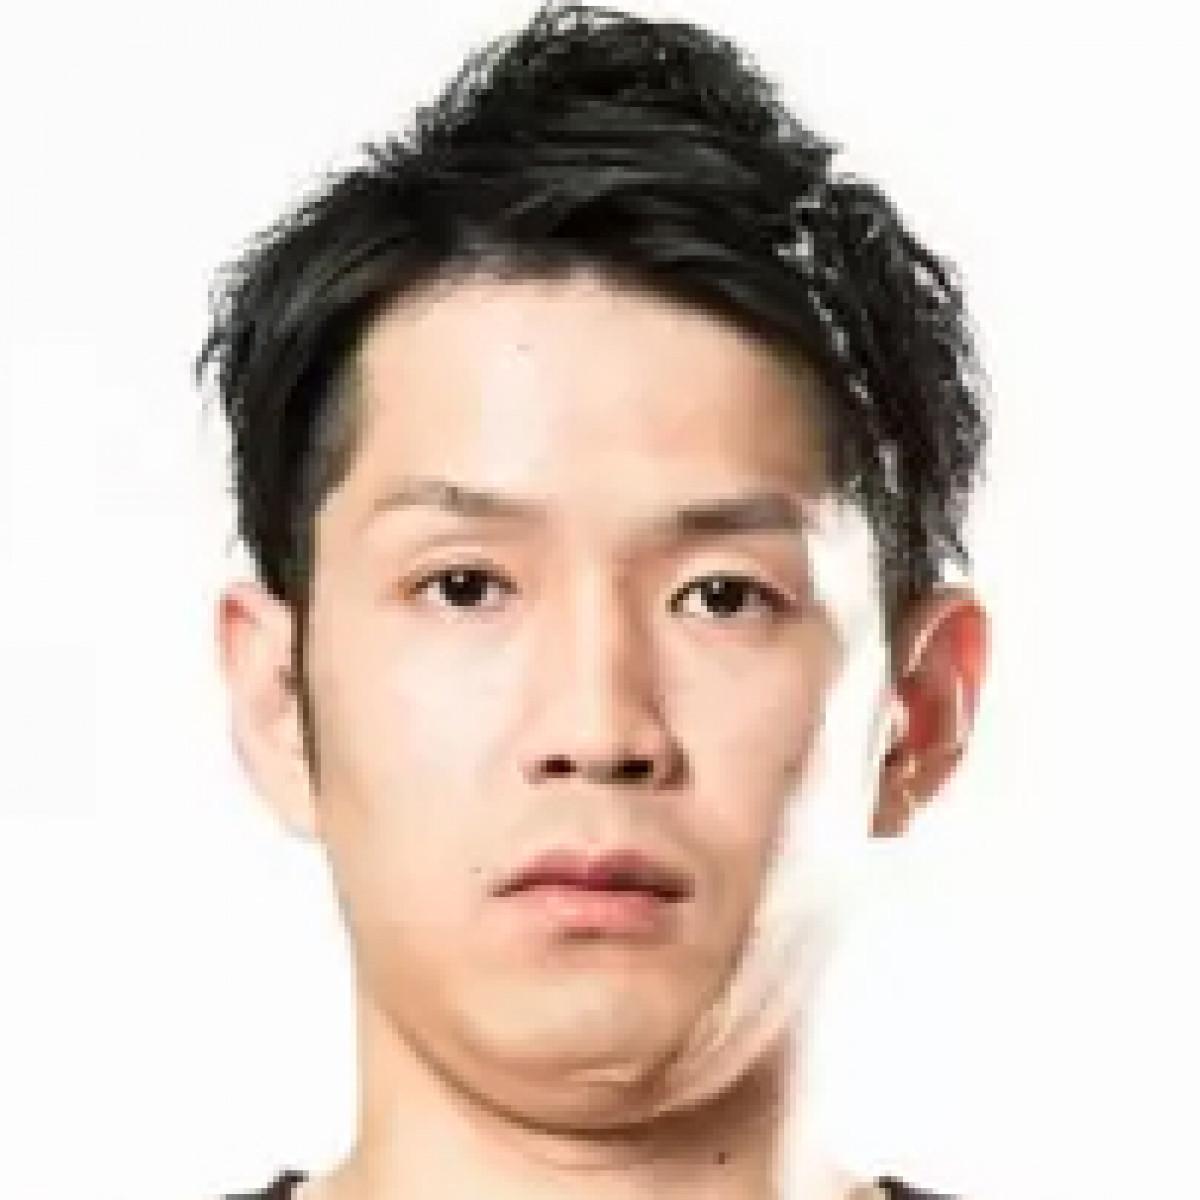 Taishi Kasahara